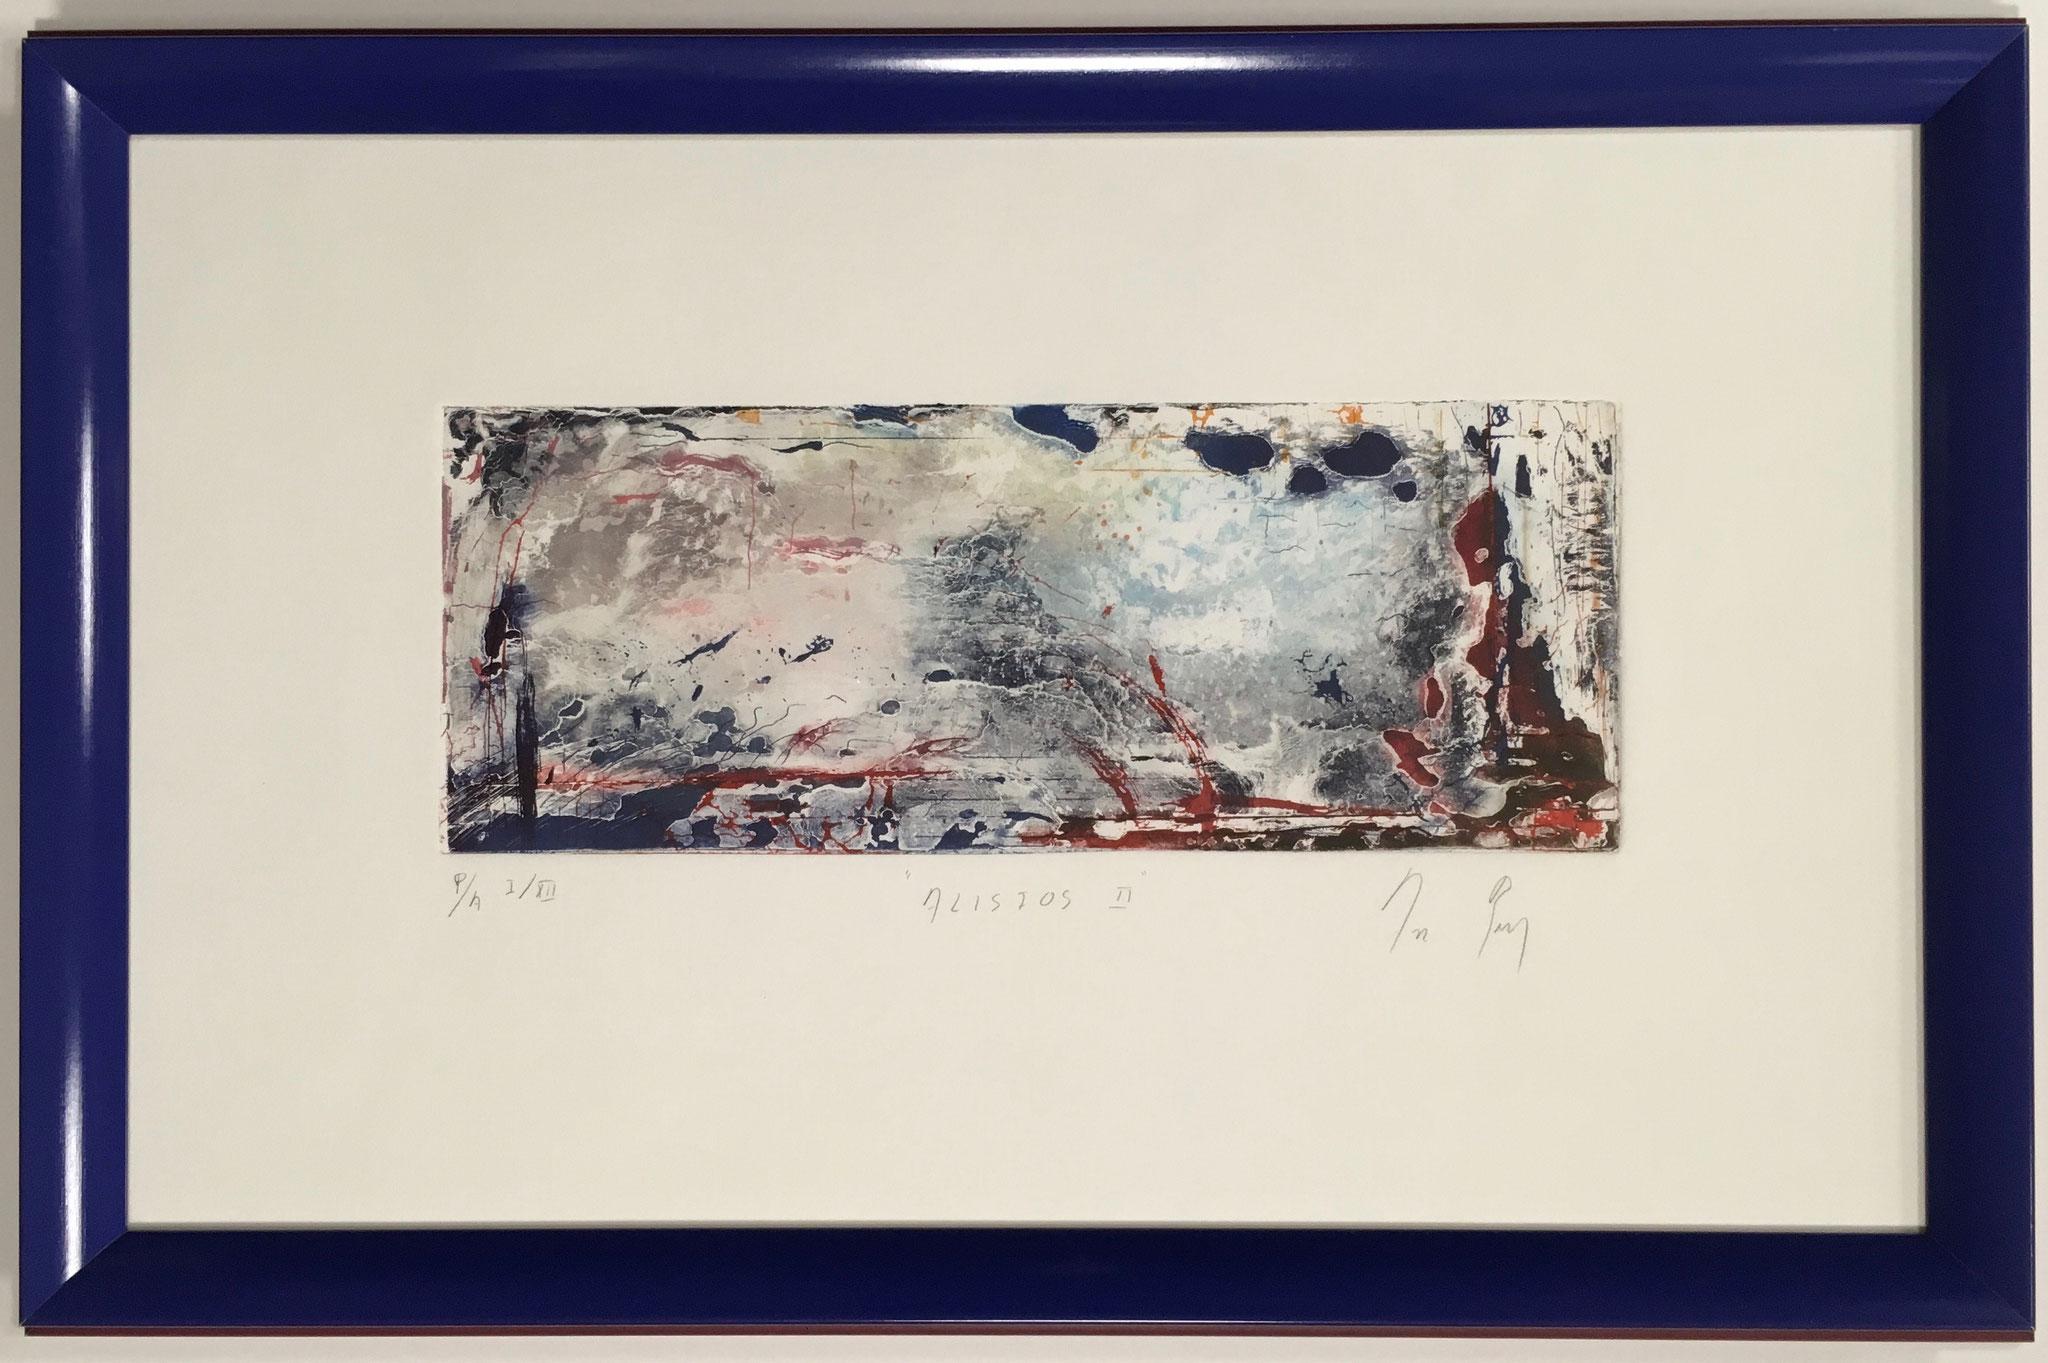 """Künstler unbekannt """"Alisios II"""" Original Radierung Größe/Falzmaß: 61,0 x 38,0cm € 490,-"""